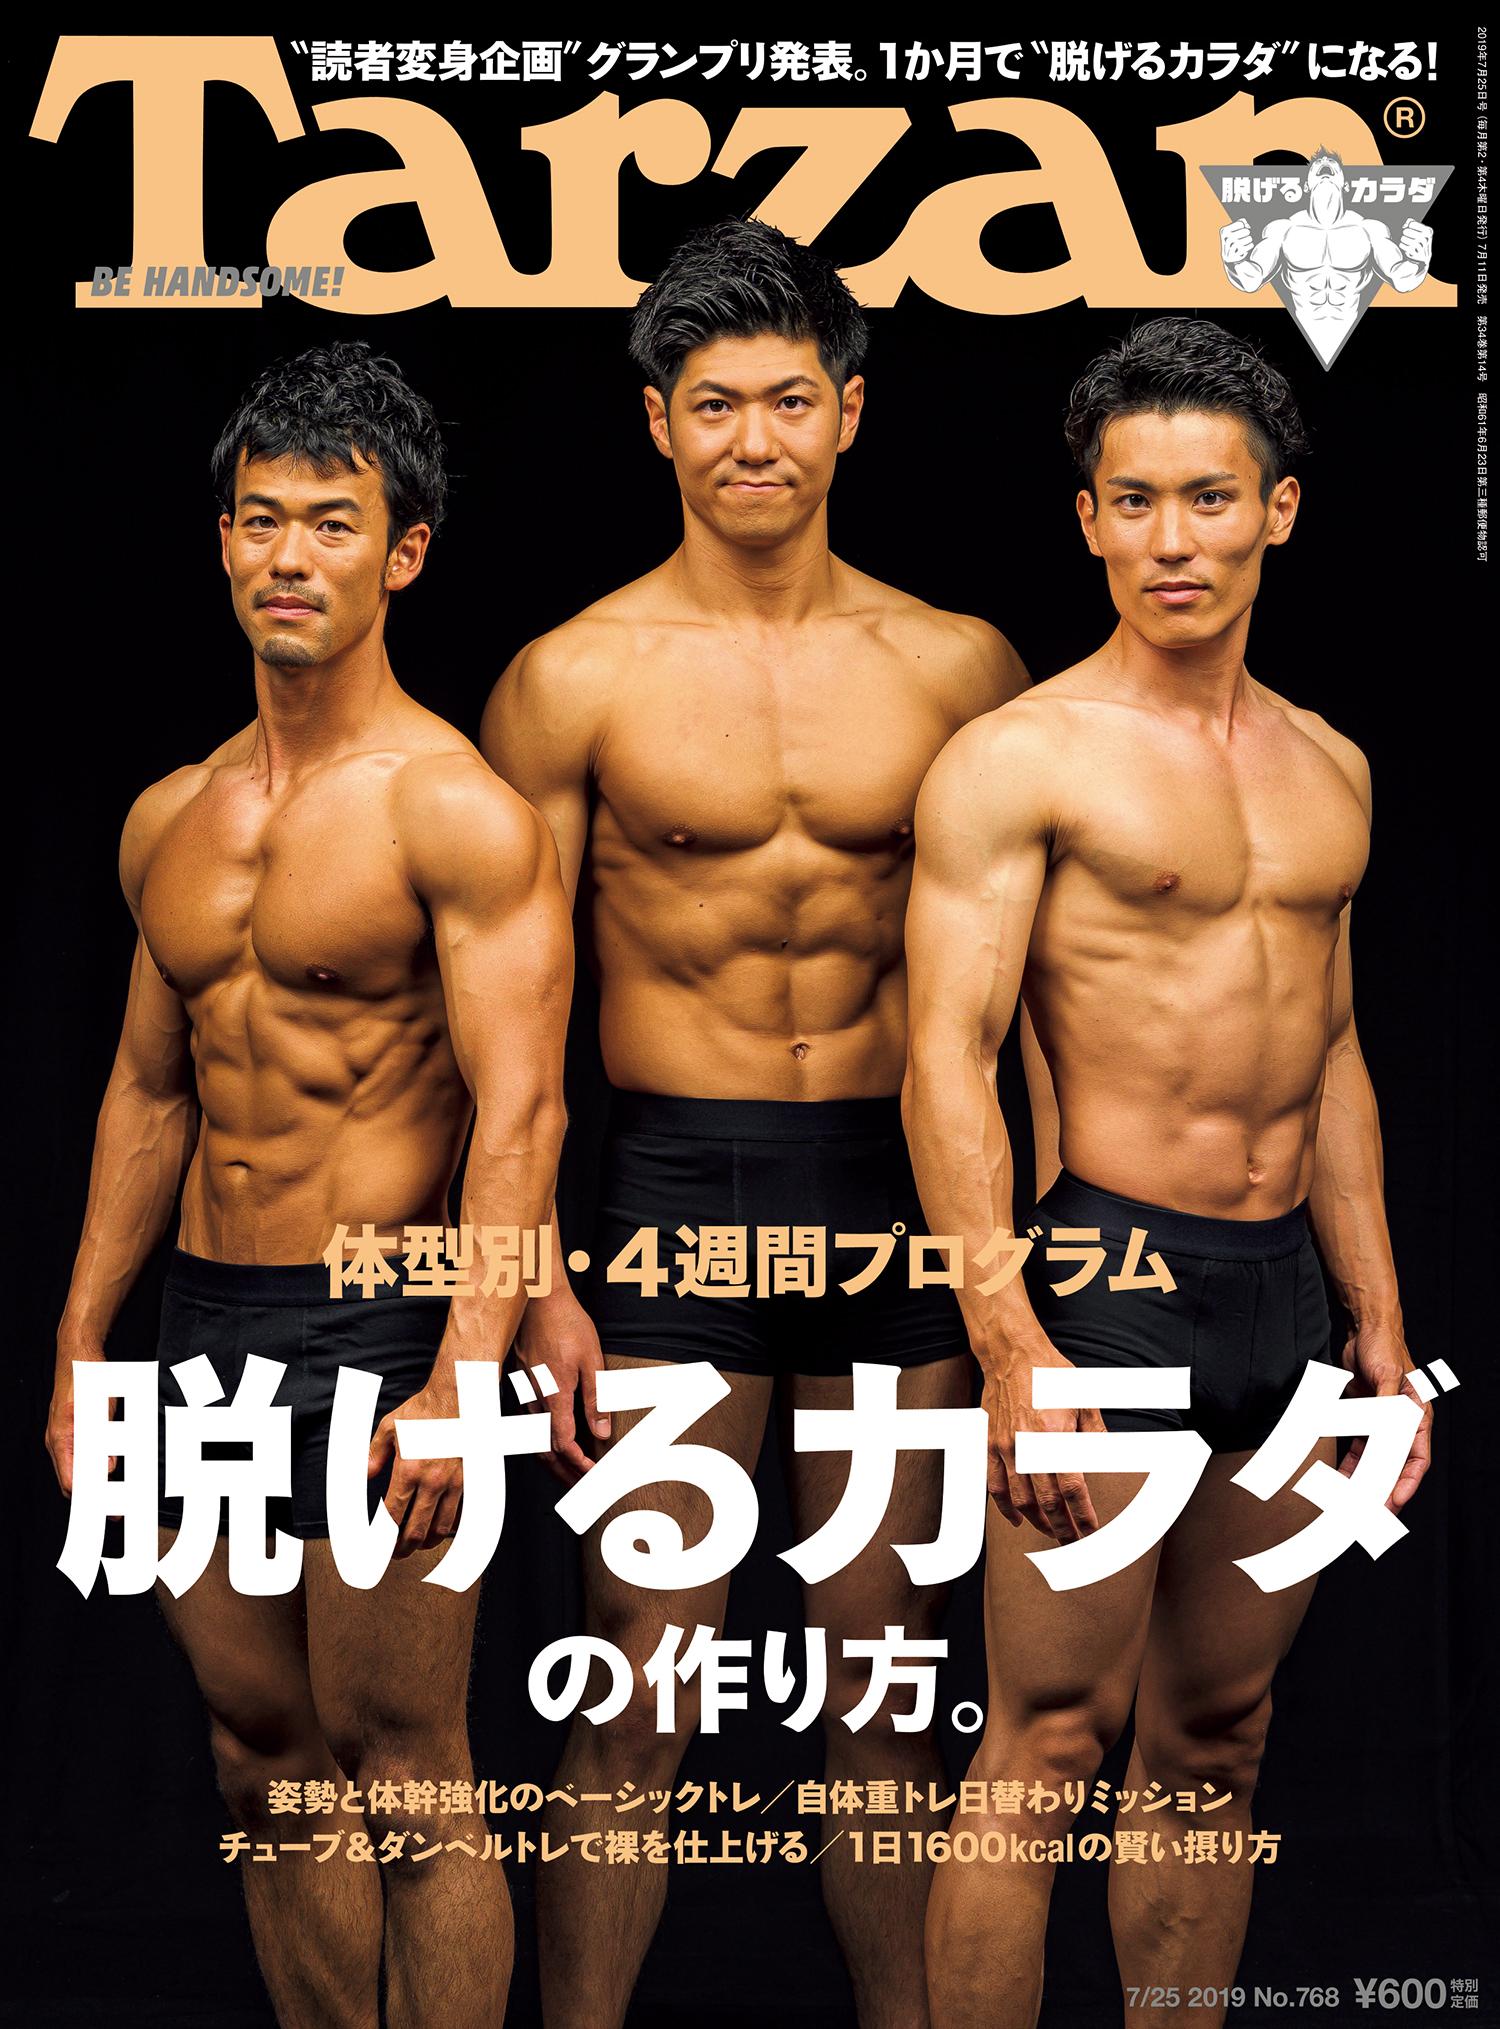 ターザン』768号「体型別・4週間プログラム 脱げるカラダの作り方」特集の表紙。